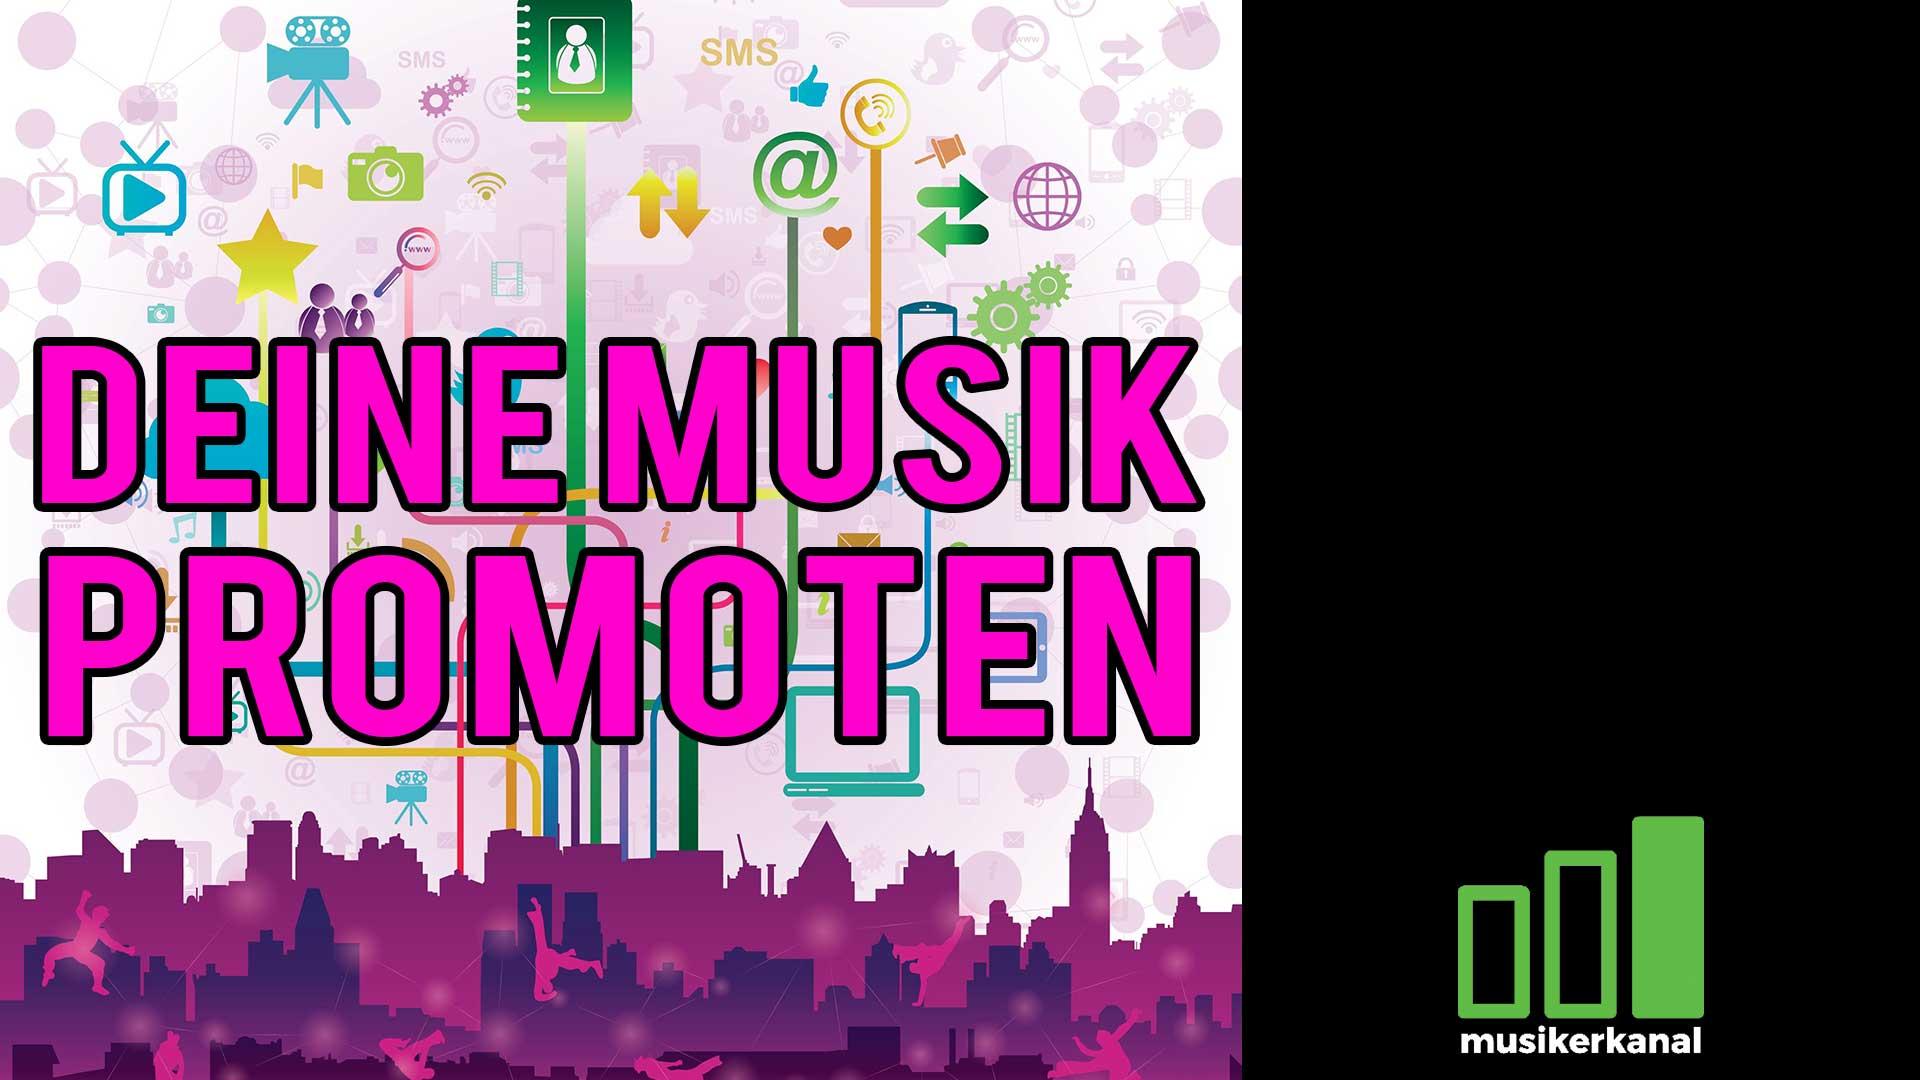 musik promoten